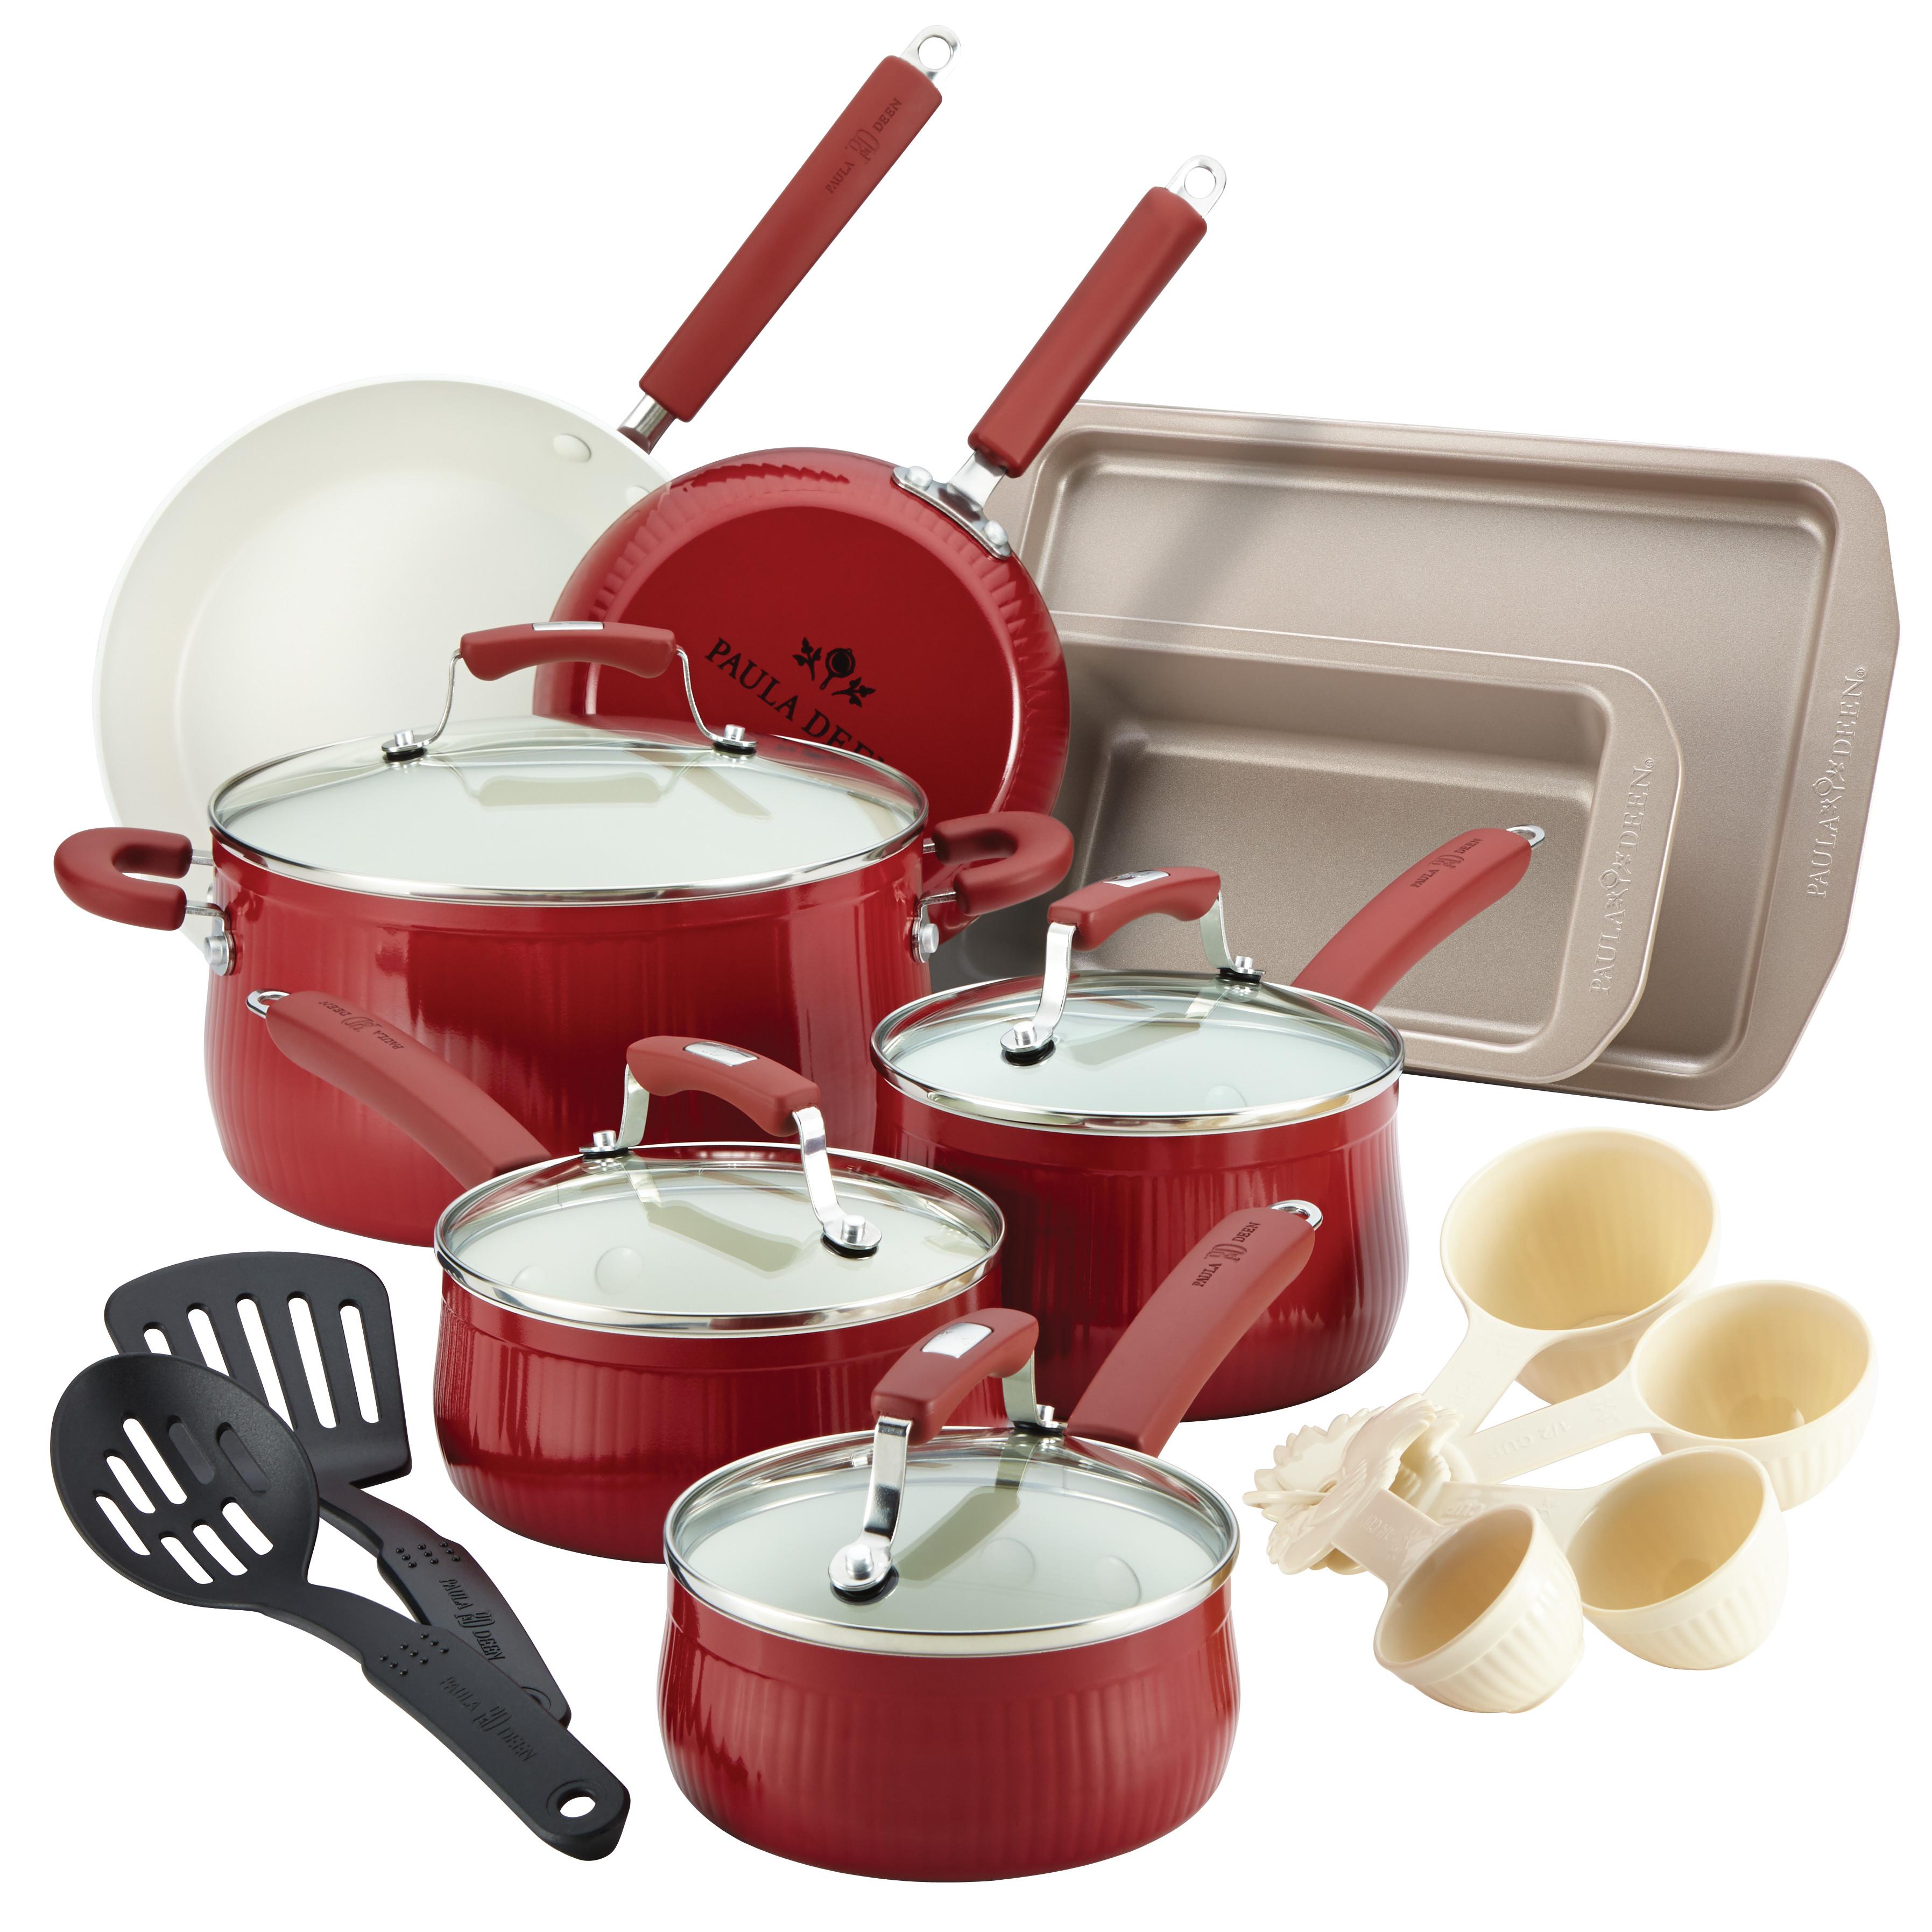 Paula Deen® Savannah 18-Piece Expansion  Aluminum Nonstick Cookware Set, Red